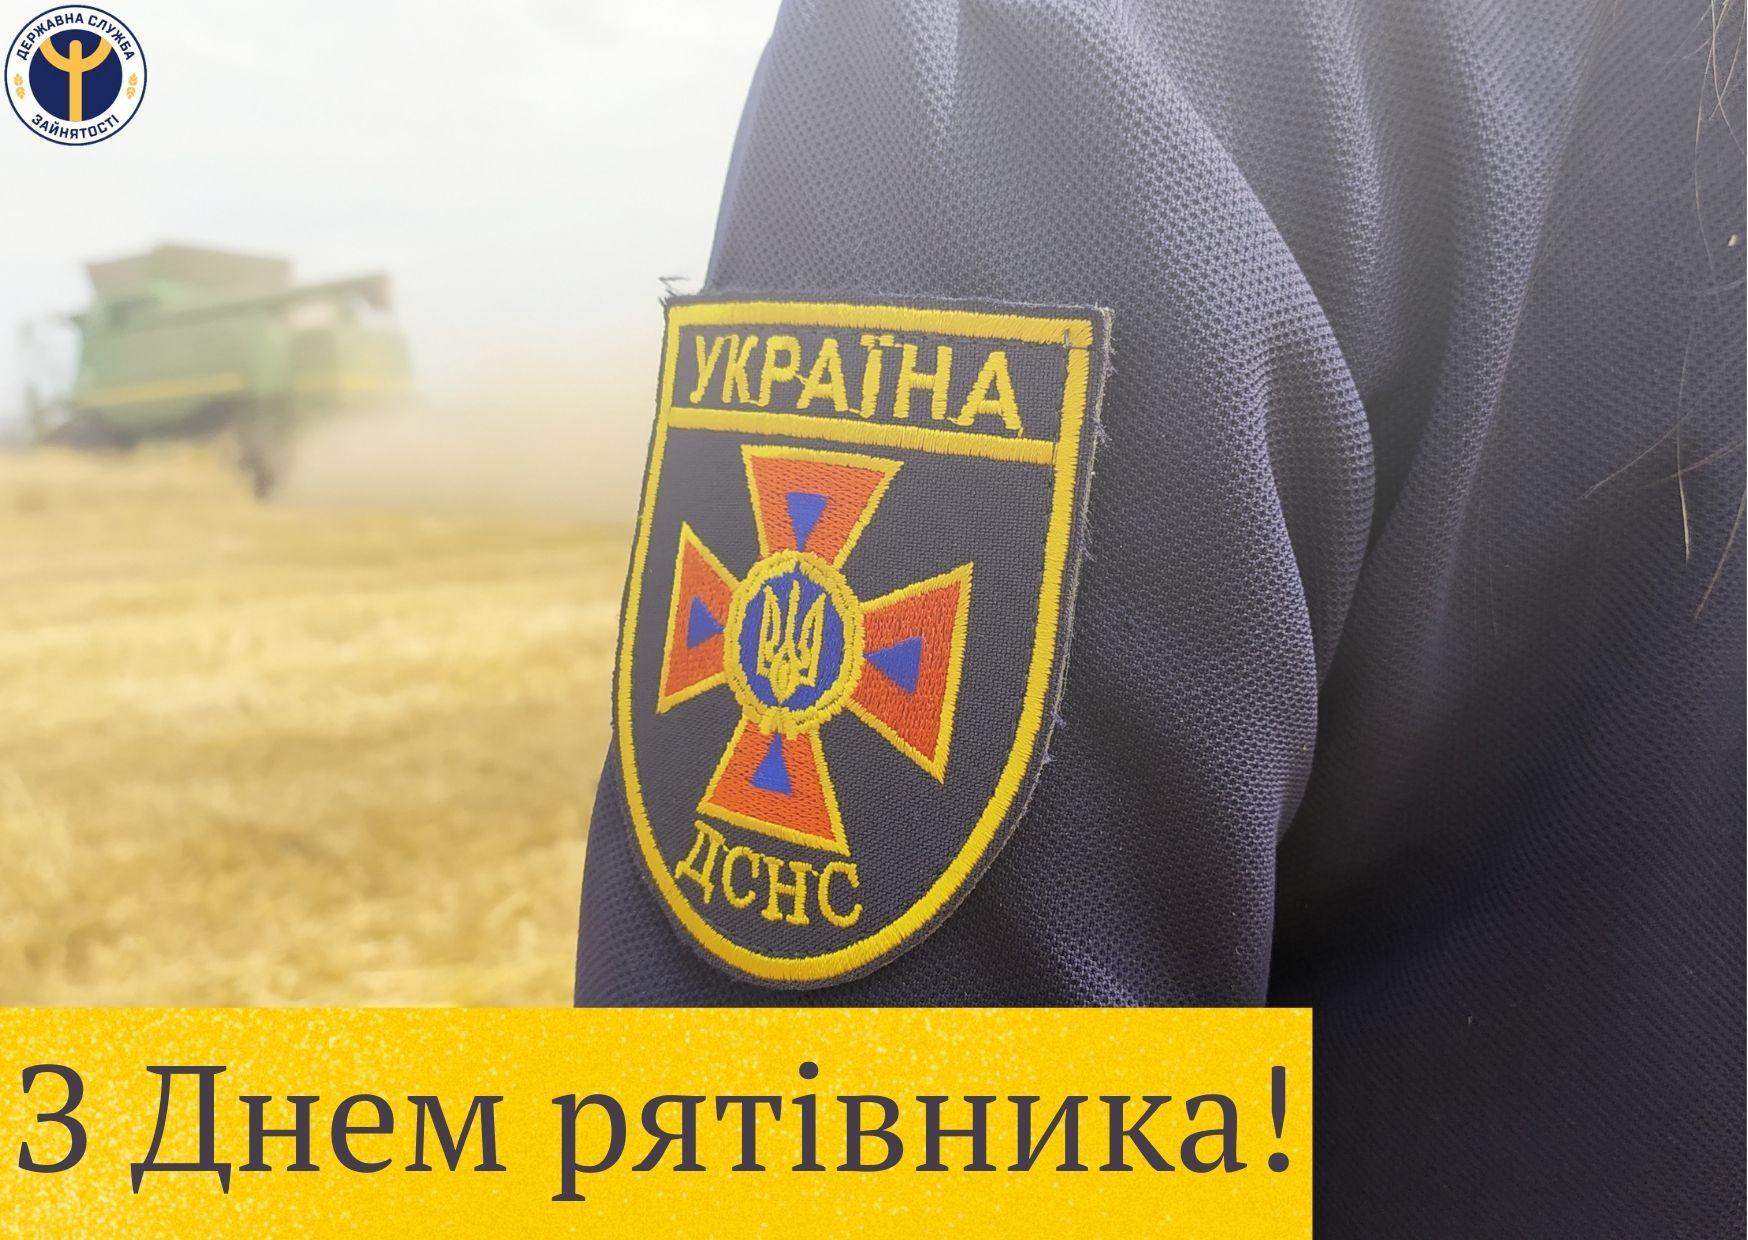 Про героїчну професію та її затребуваність на Черкащині